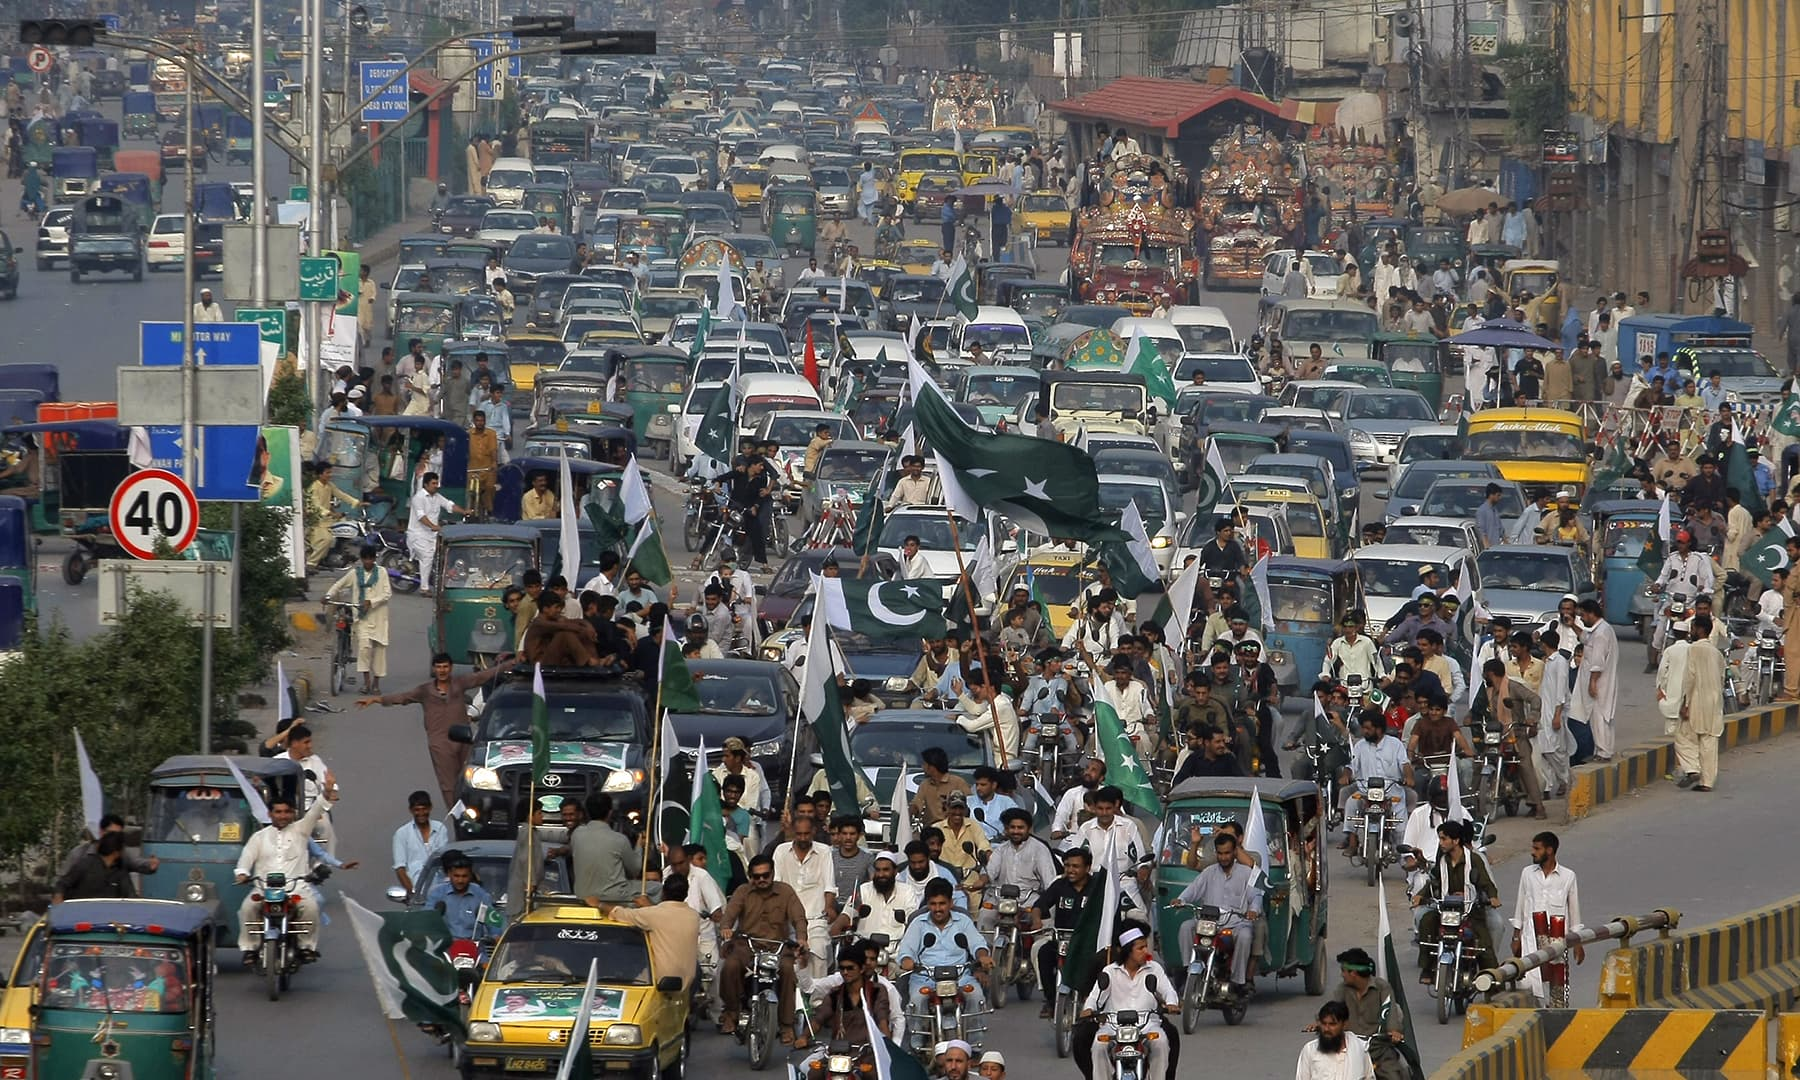 پشاور میں لوگوں نے سڑکوں پر نکل کر یوم آزادی کا جشن منایا — فوٹو اے ایف پی